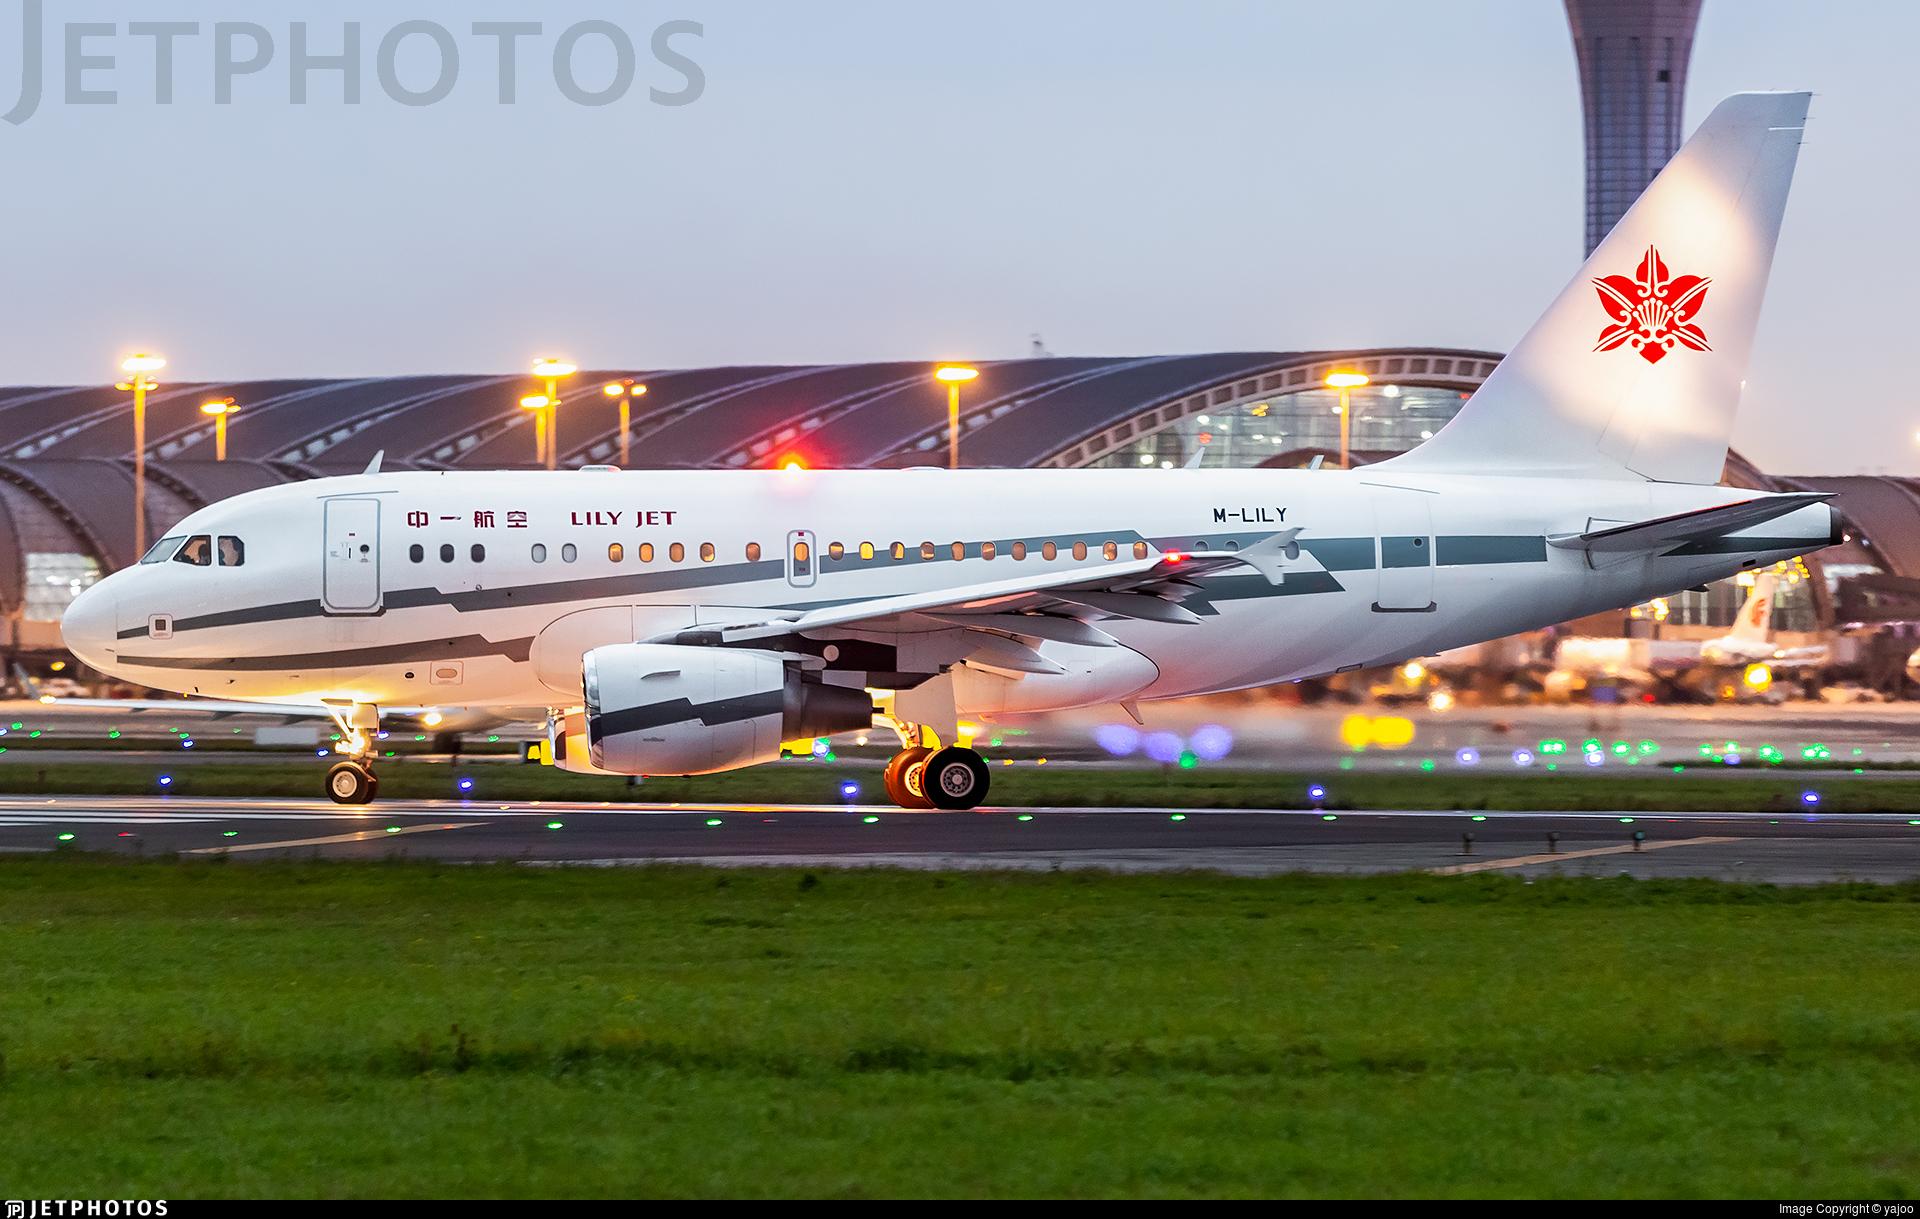 M-LILY - Airbus A318-112(CJ) Elite - Zyb Lily Jet